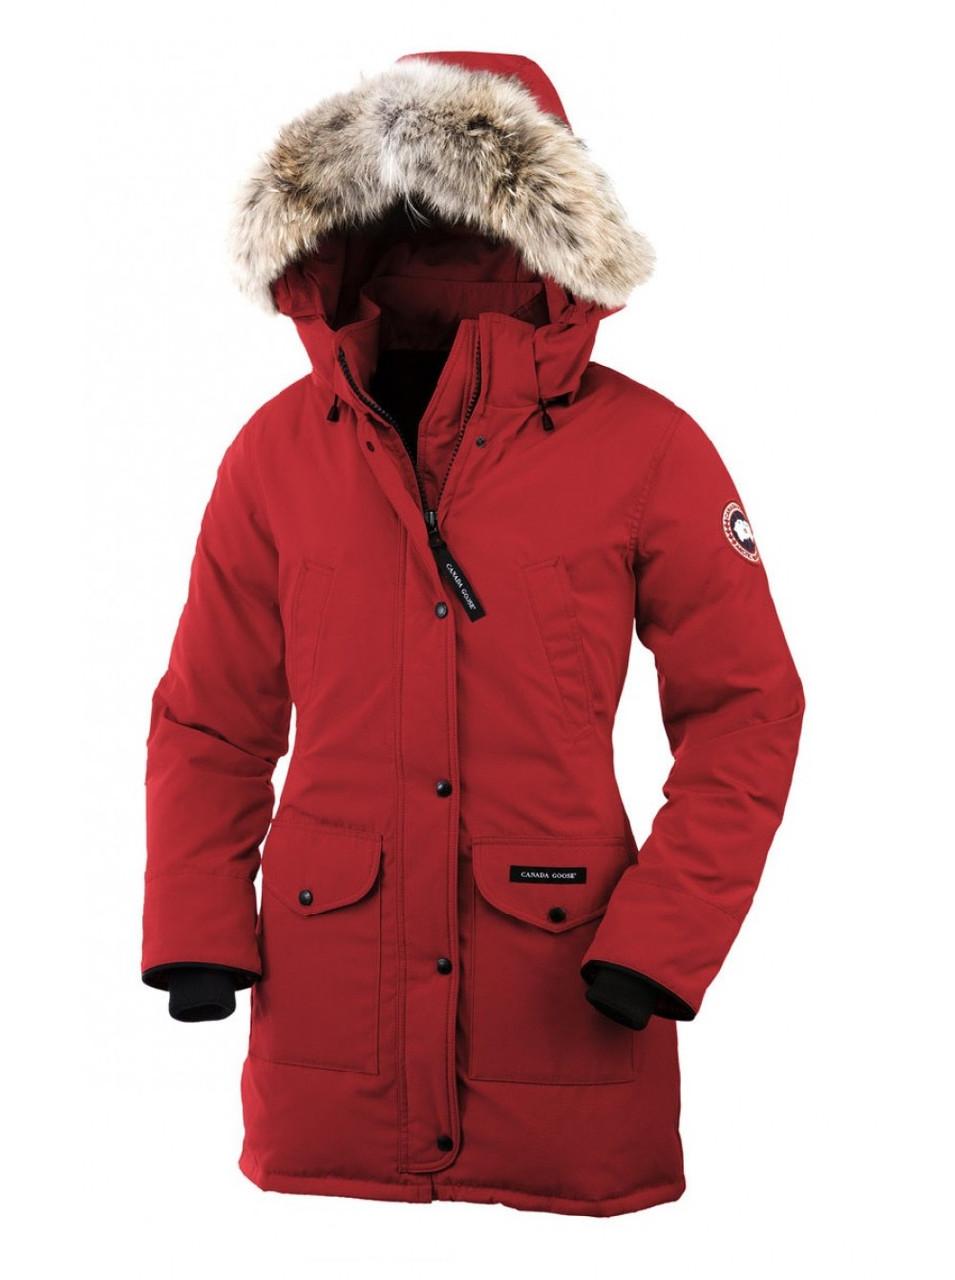 Canada Goose Trillium Parka р.S женский пуховик парка куртка канада гус триллиум